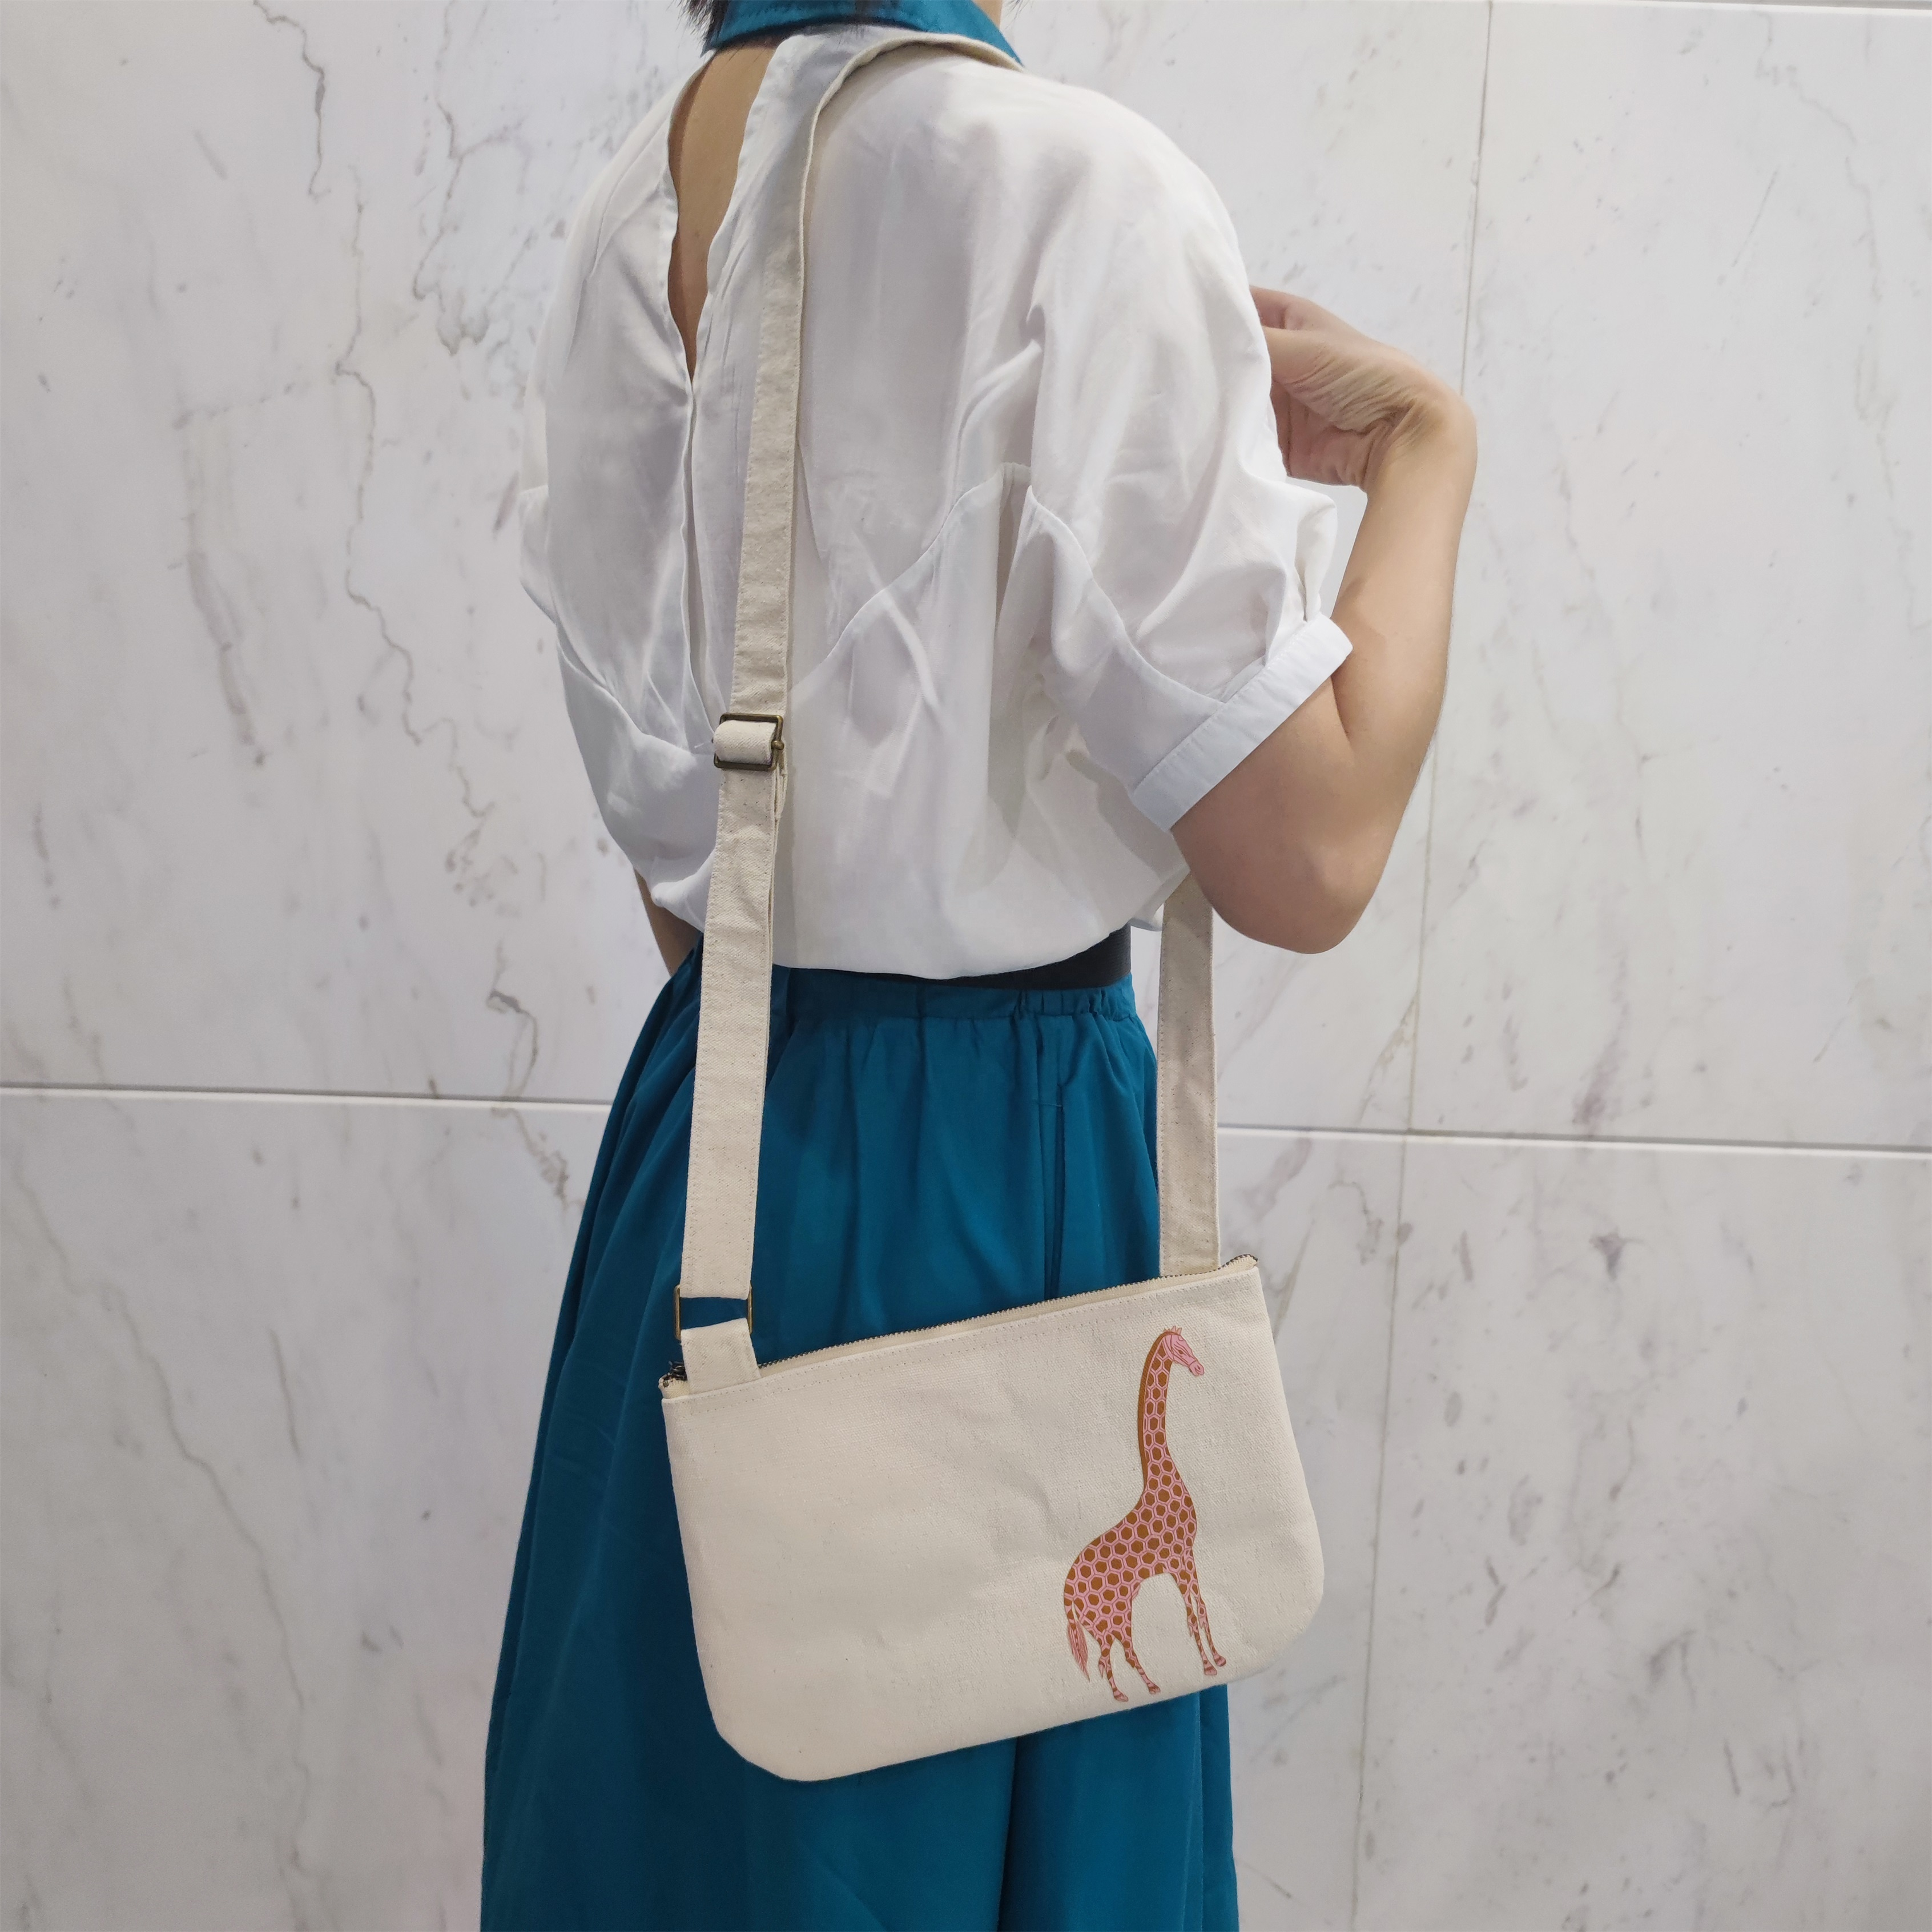 2021 новый дизайн, рекламная многоразовая хлопчатобумажная холщовая сумка-мессенджер через плечо, сумка-тоут для женщин и девочек